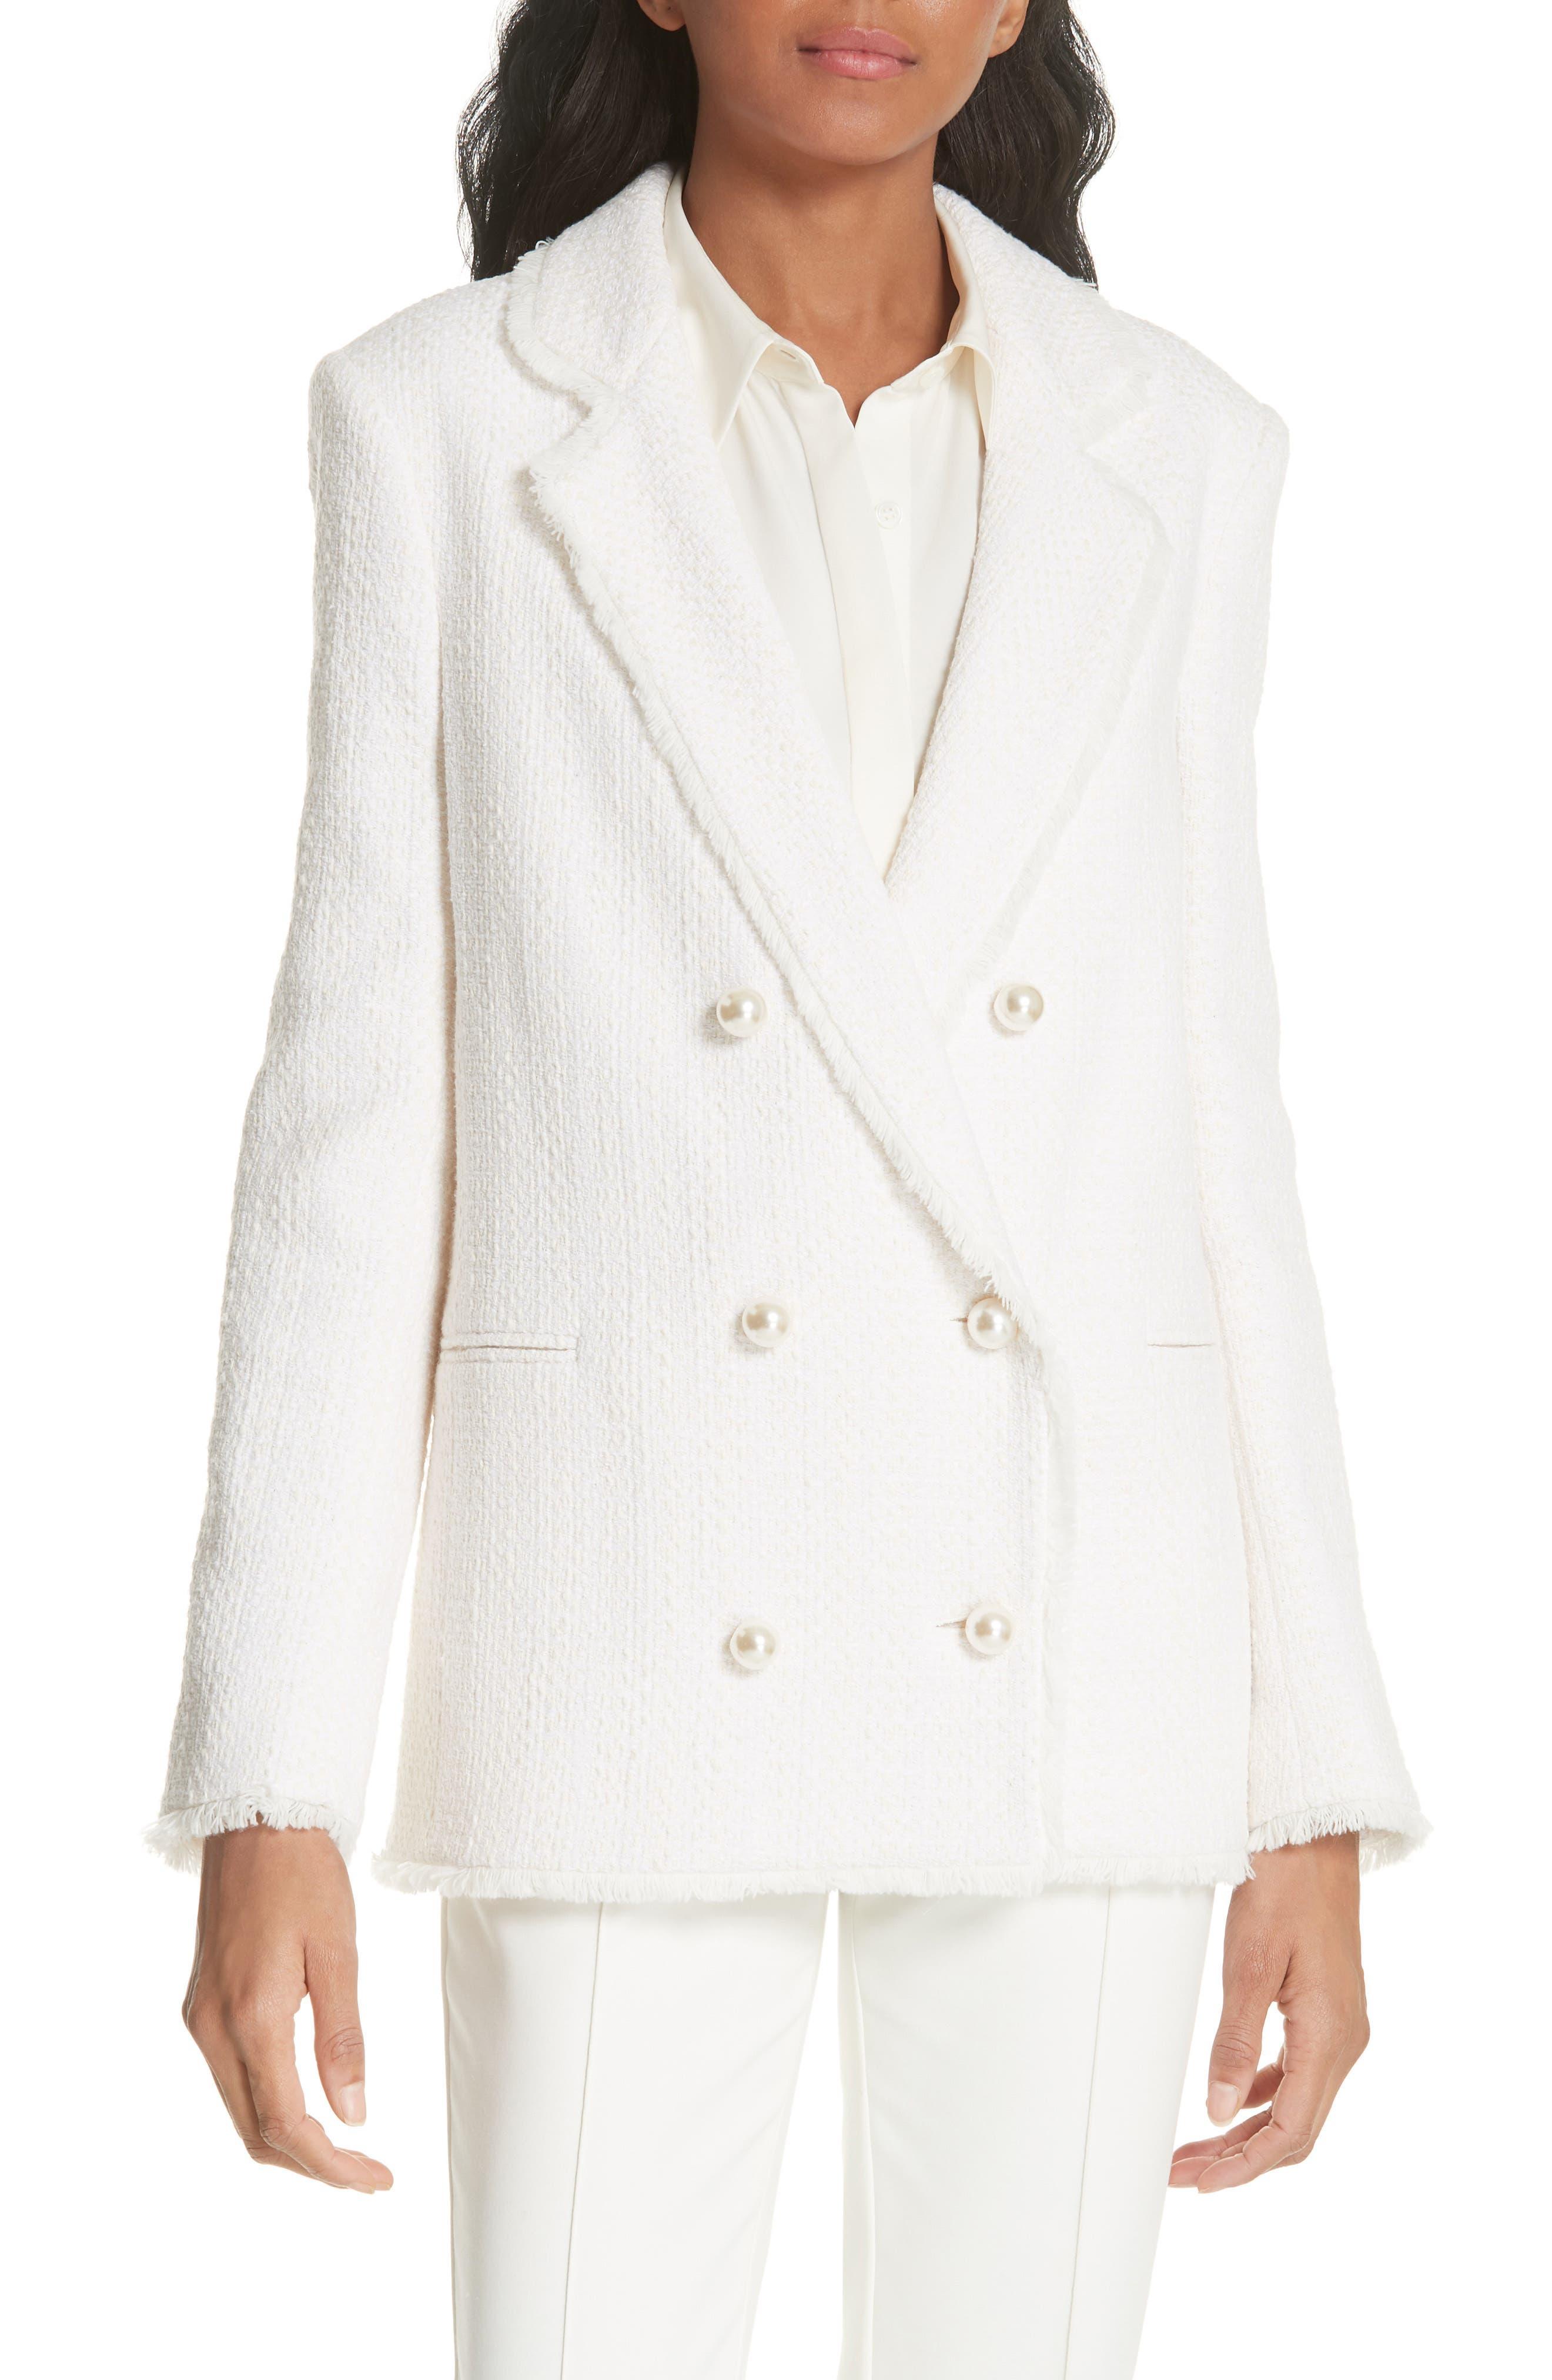 HELENE BERMAN Oversize Tweed Blazer in Ivory